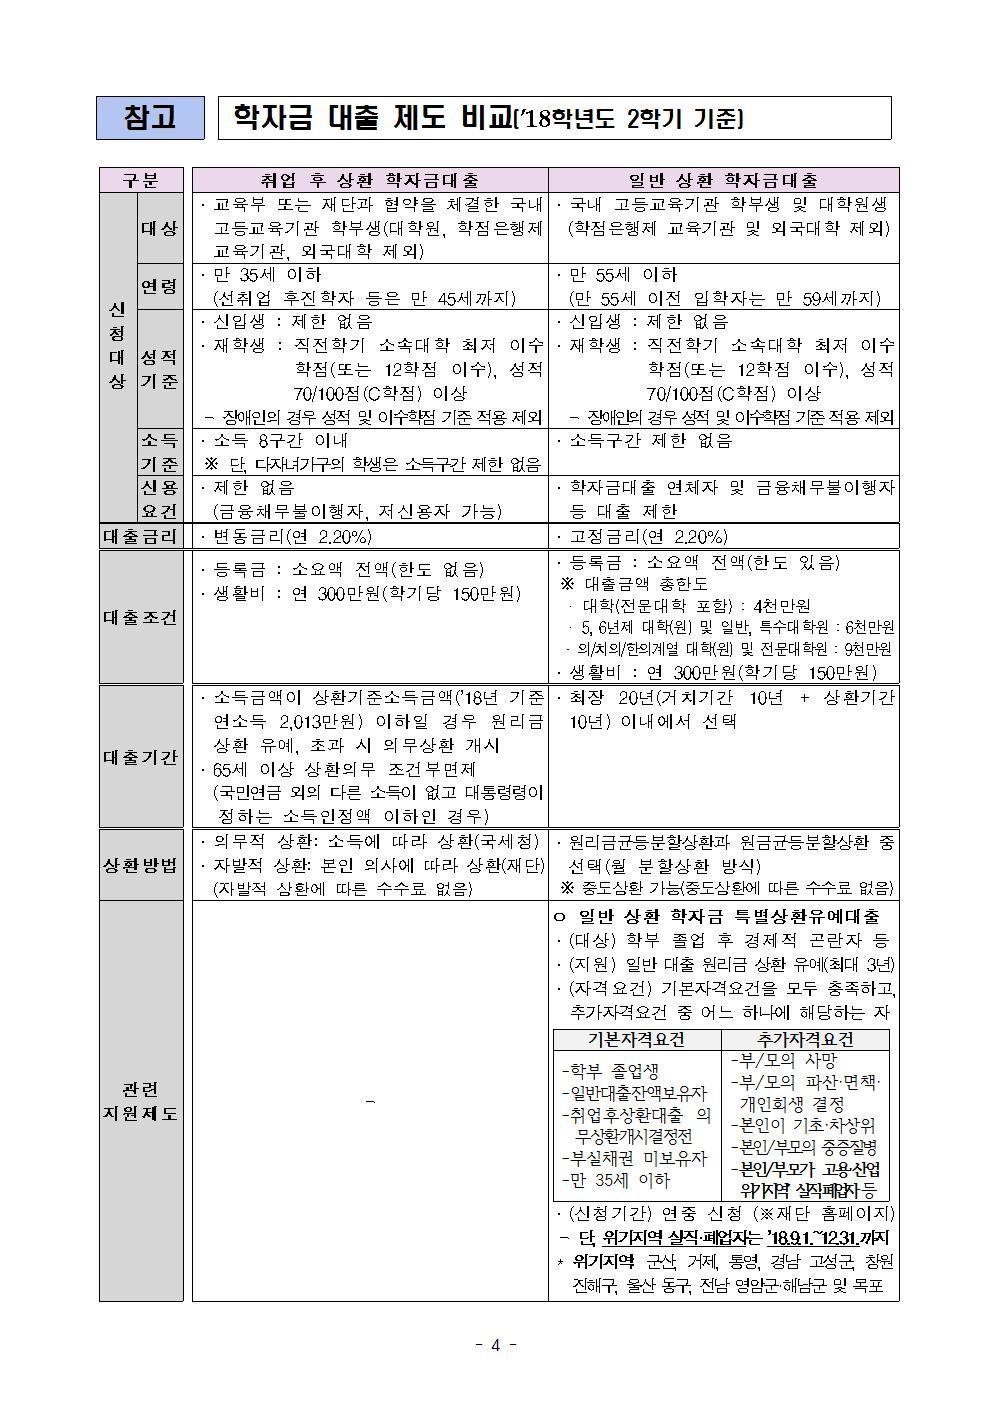 07-09(월)[보도자료] 18년 2학기 학자금대출 시행004.jpg